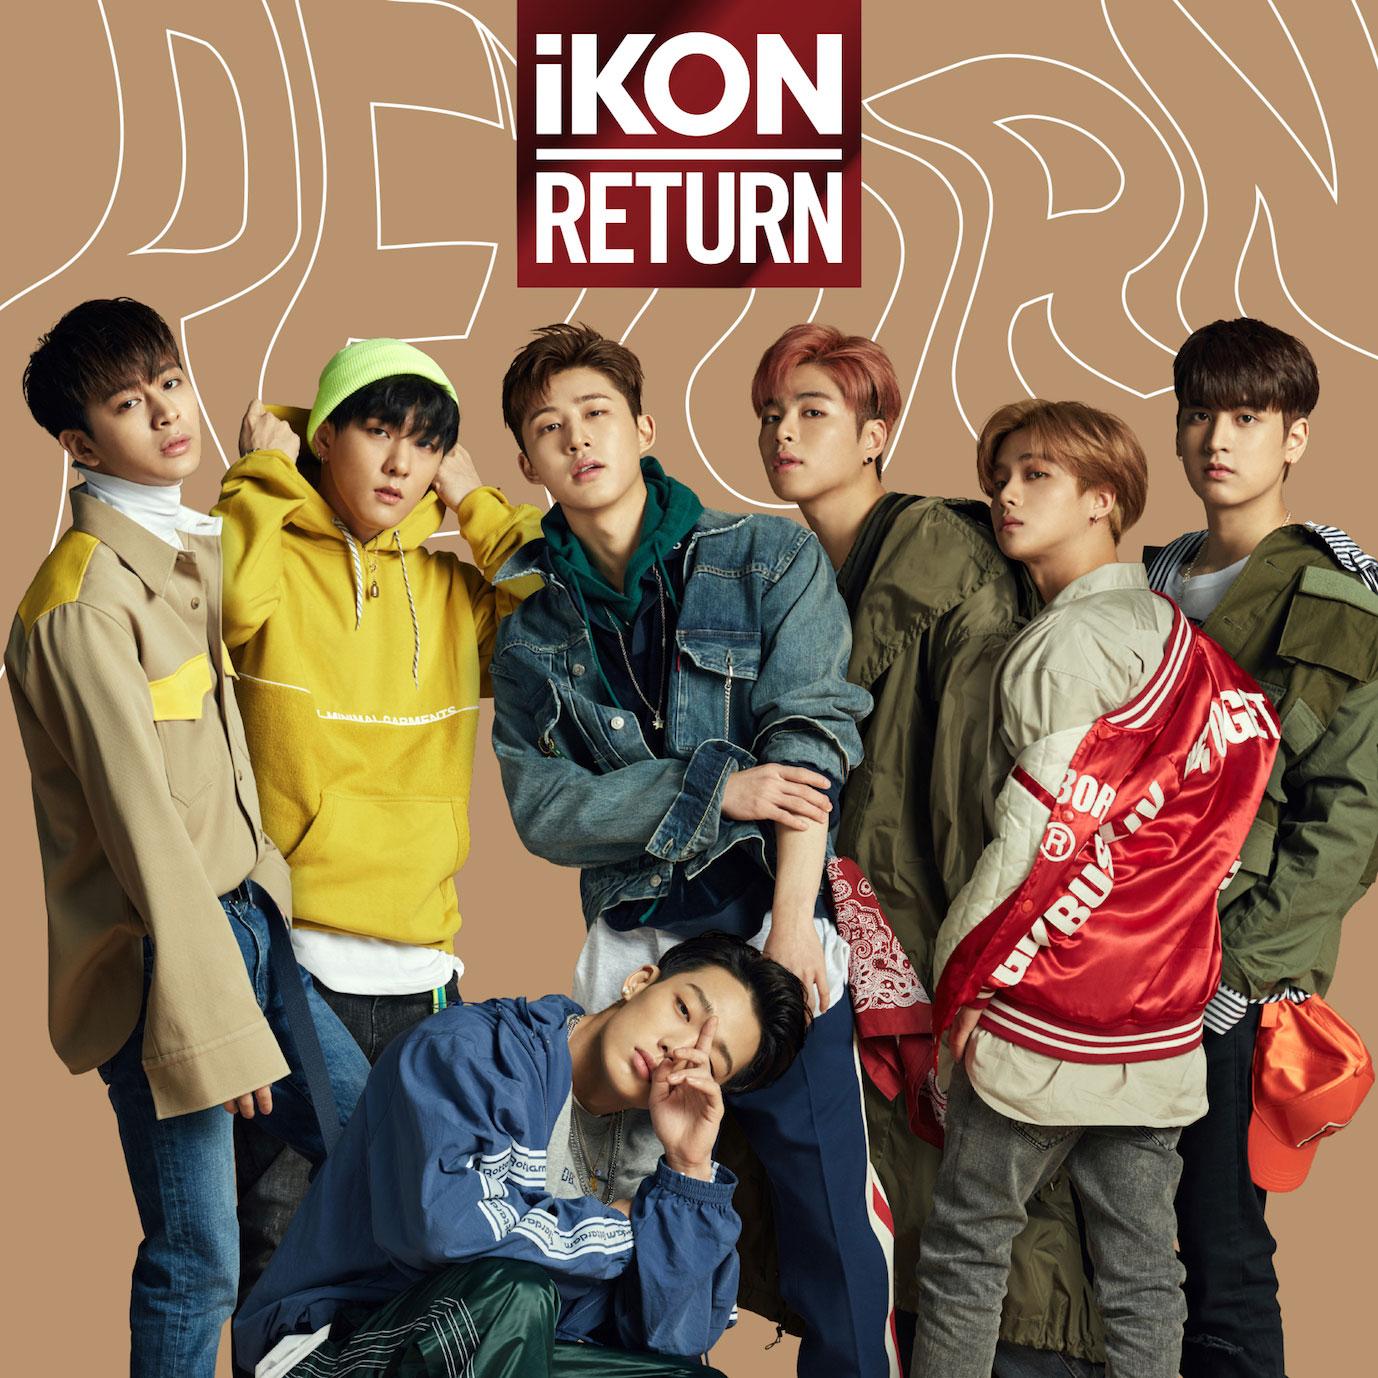 ≪クイックレポート≫ 『iKON JAPAN TOUR 2018』 8/25 福岡国際センター